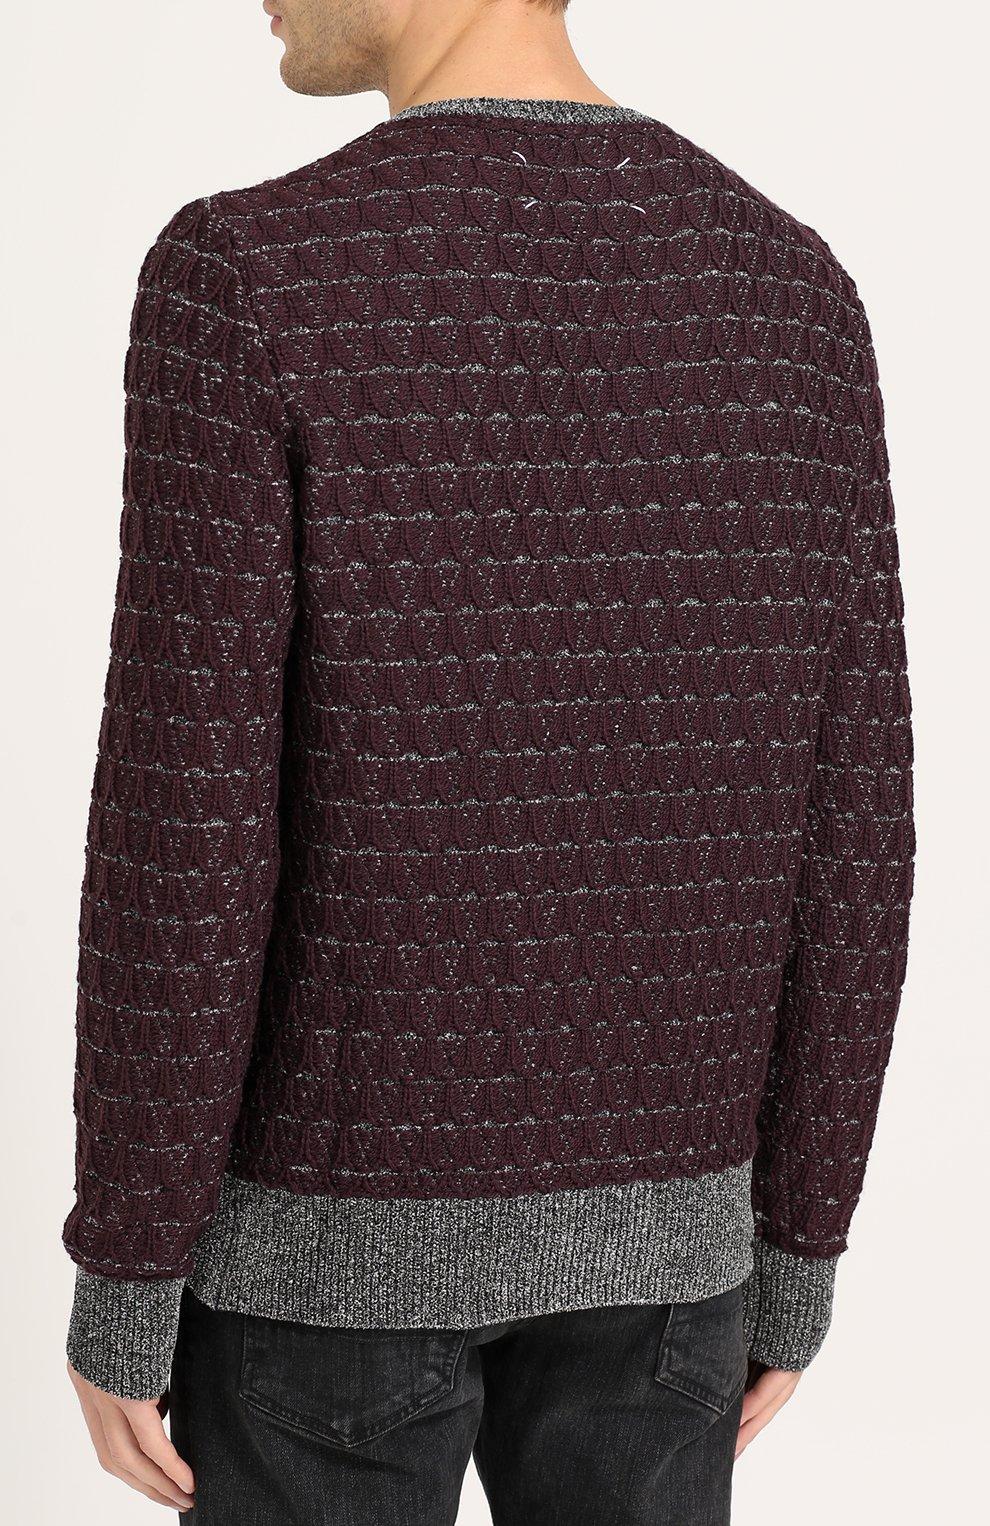 Джемпер фактурной вязки из смеси вискозы и шерсти | Фото №4